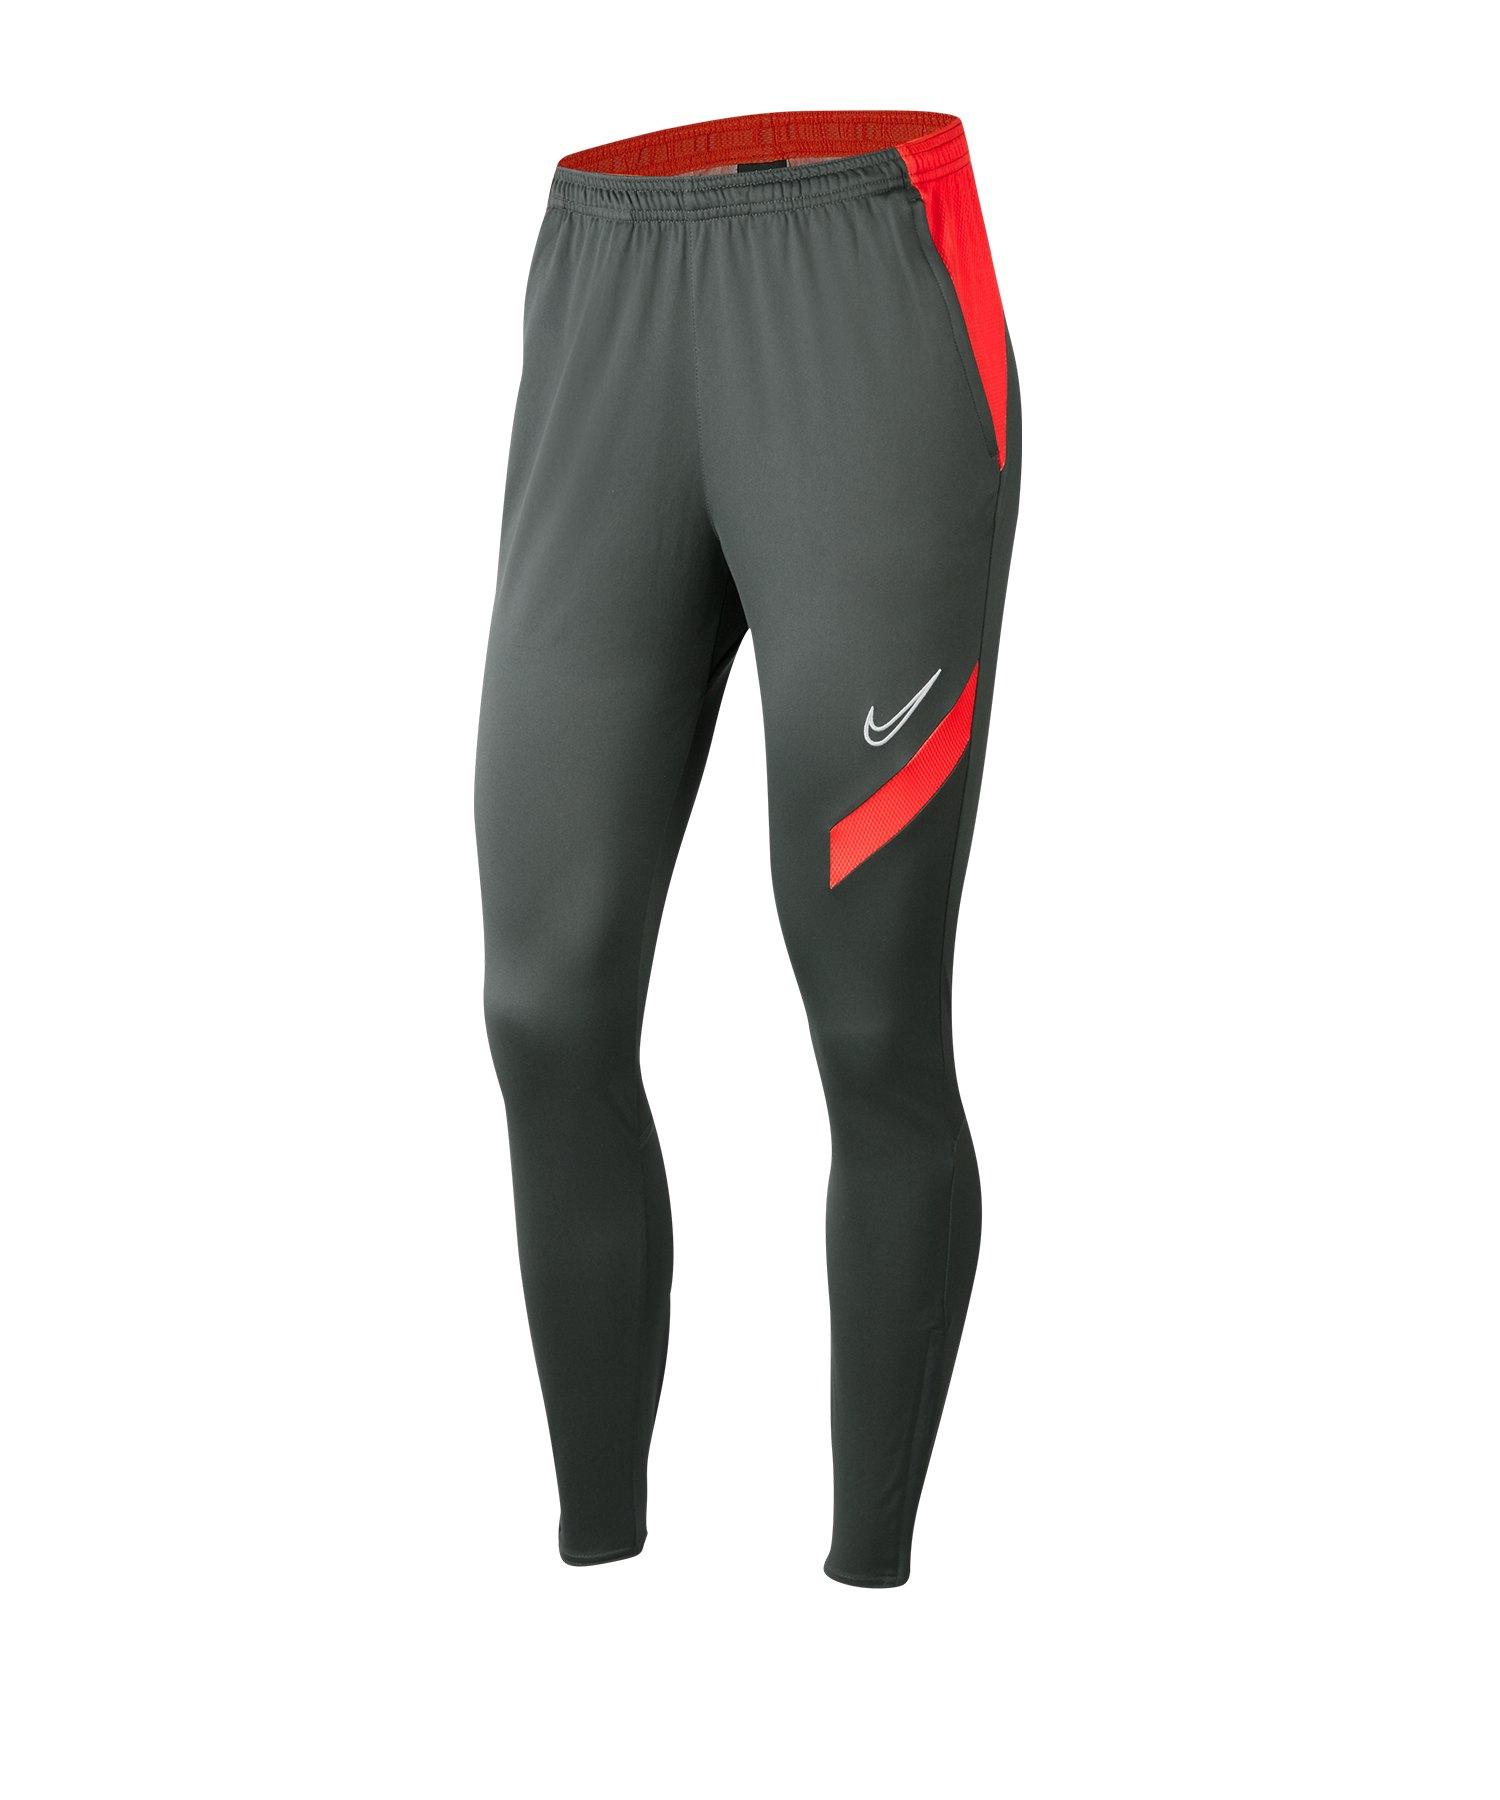 Nike Academy Pro Pants Damen Grau Rot F067 - grau